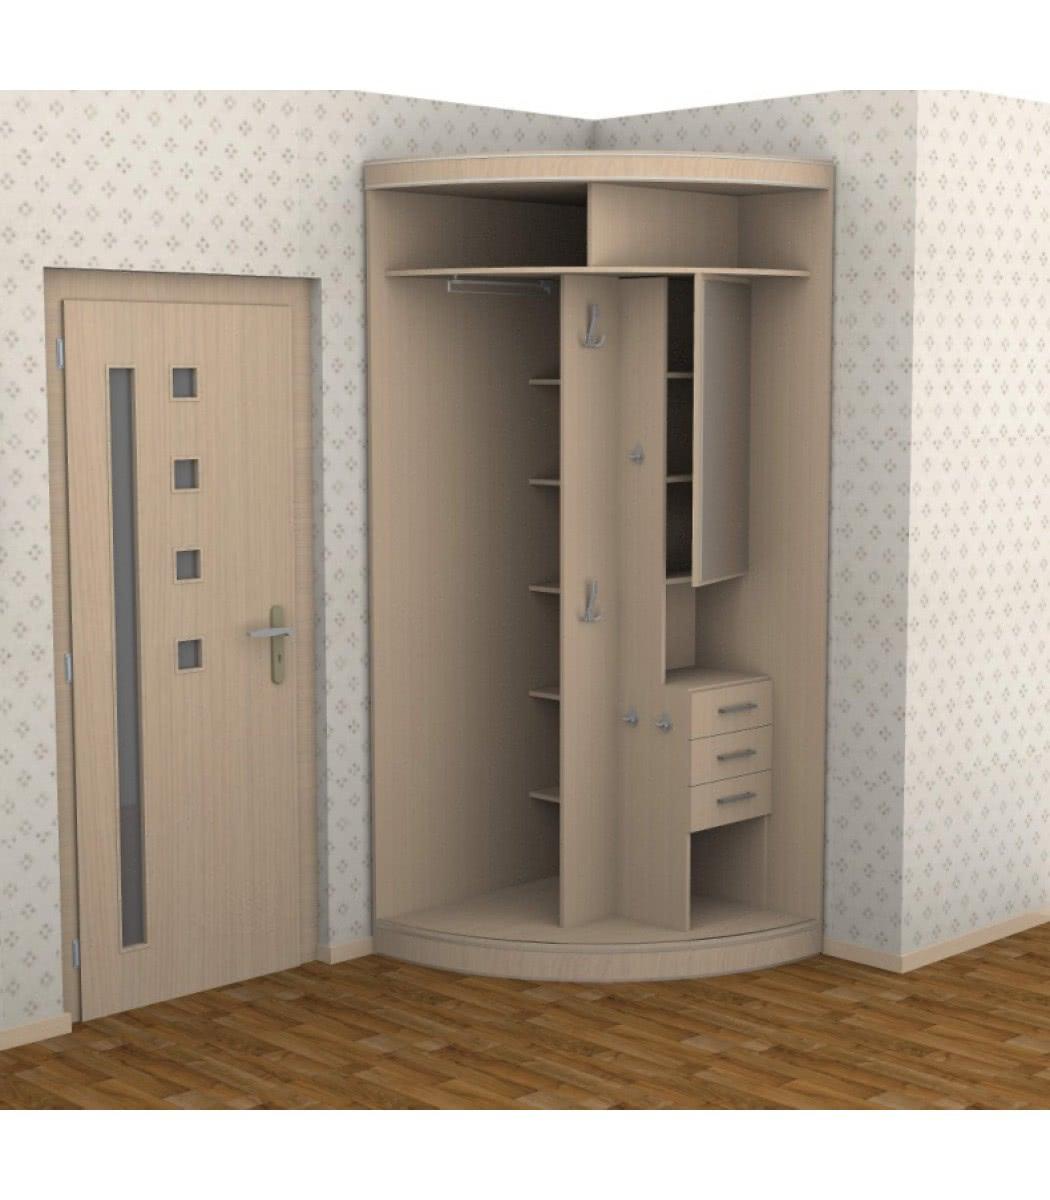 кухонные уголки со спальным местом недорого екатеринбург